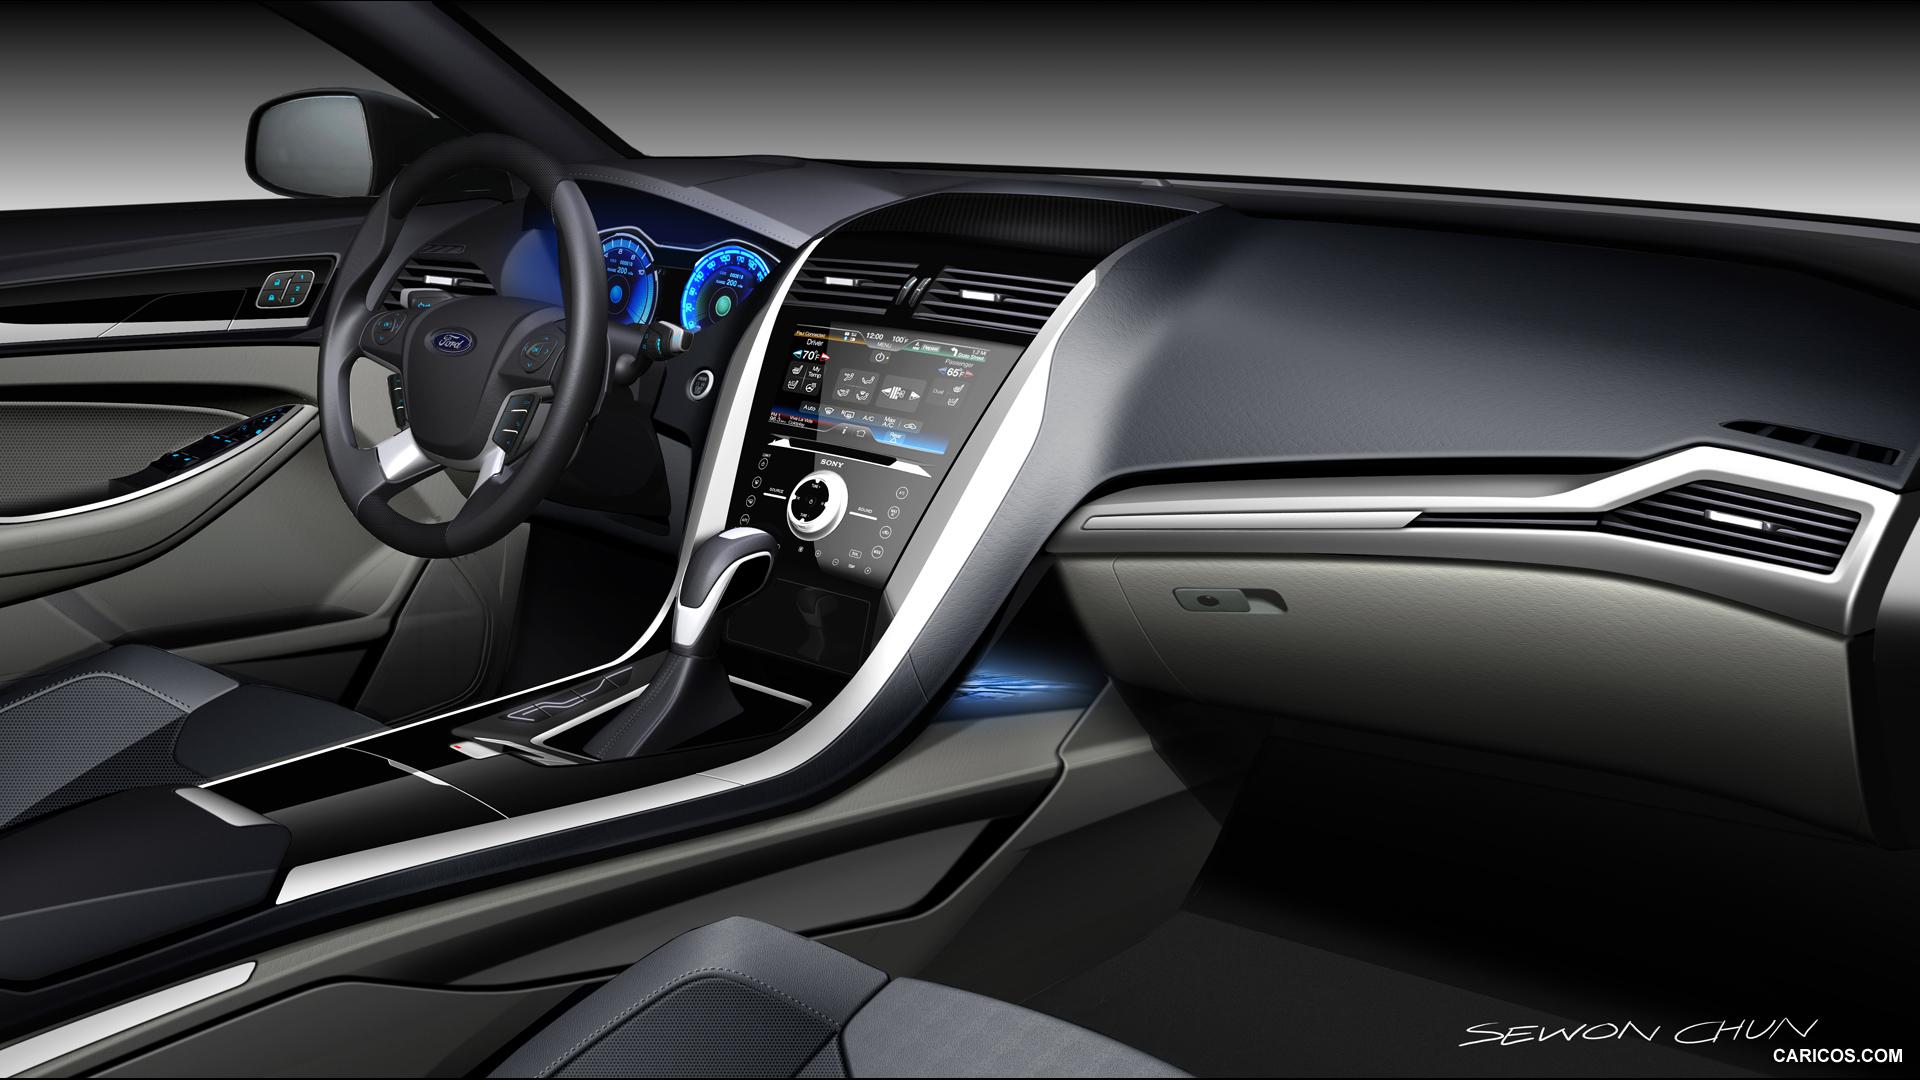 Ford Mondeo 2016 цена в России - TOPRUSCAR